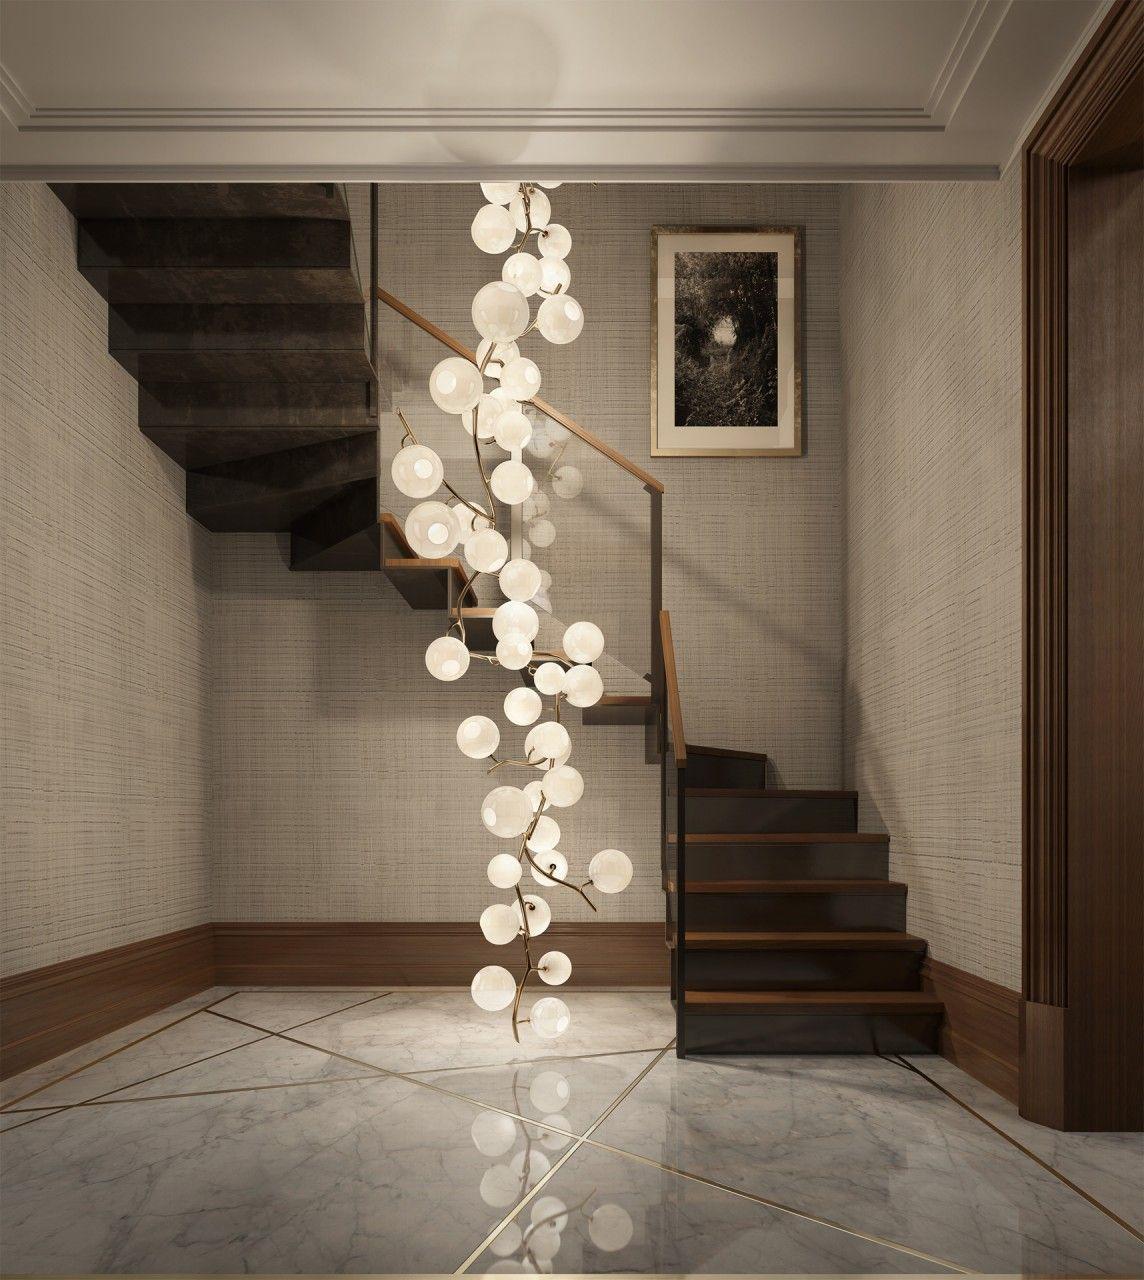 155 E79th Street Development Pembrooke Ives Decorazioni Luminose Idea Di Decorazione Progetto Casa